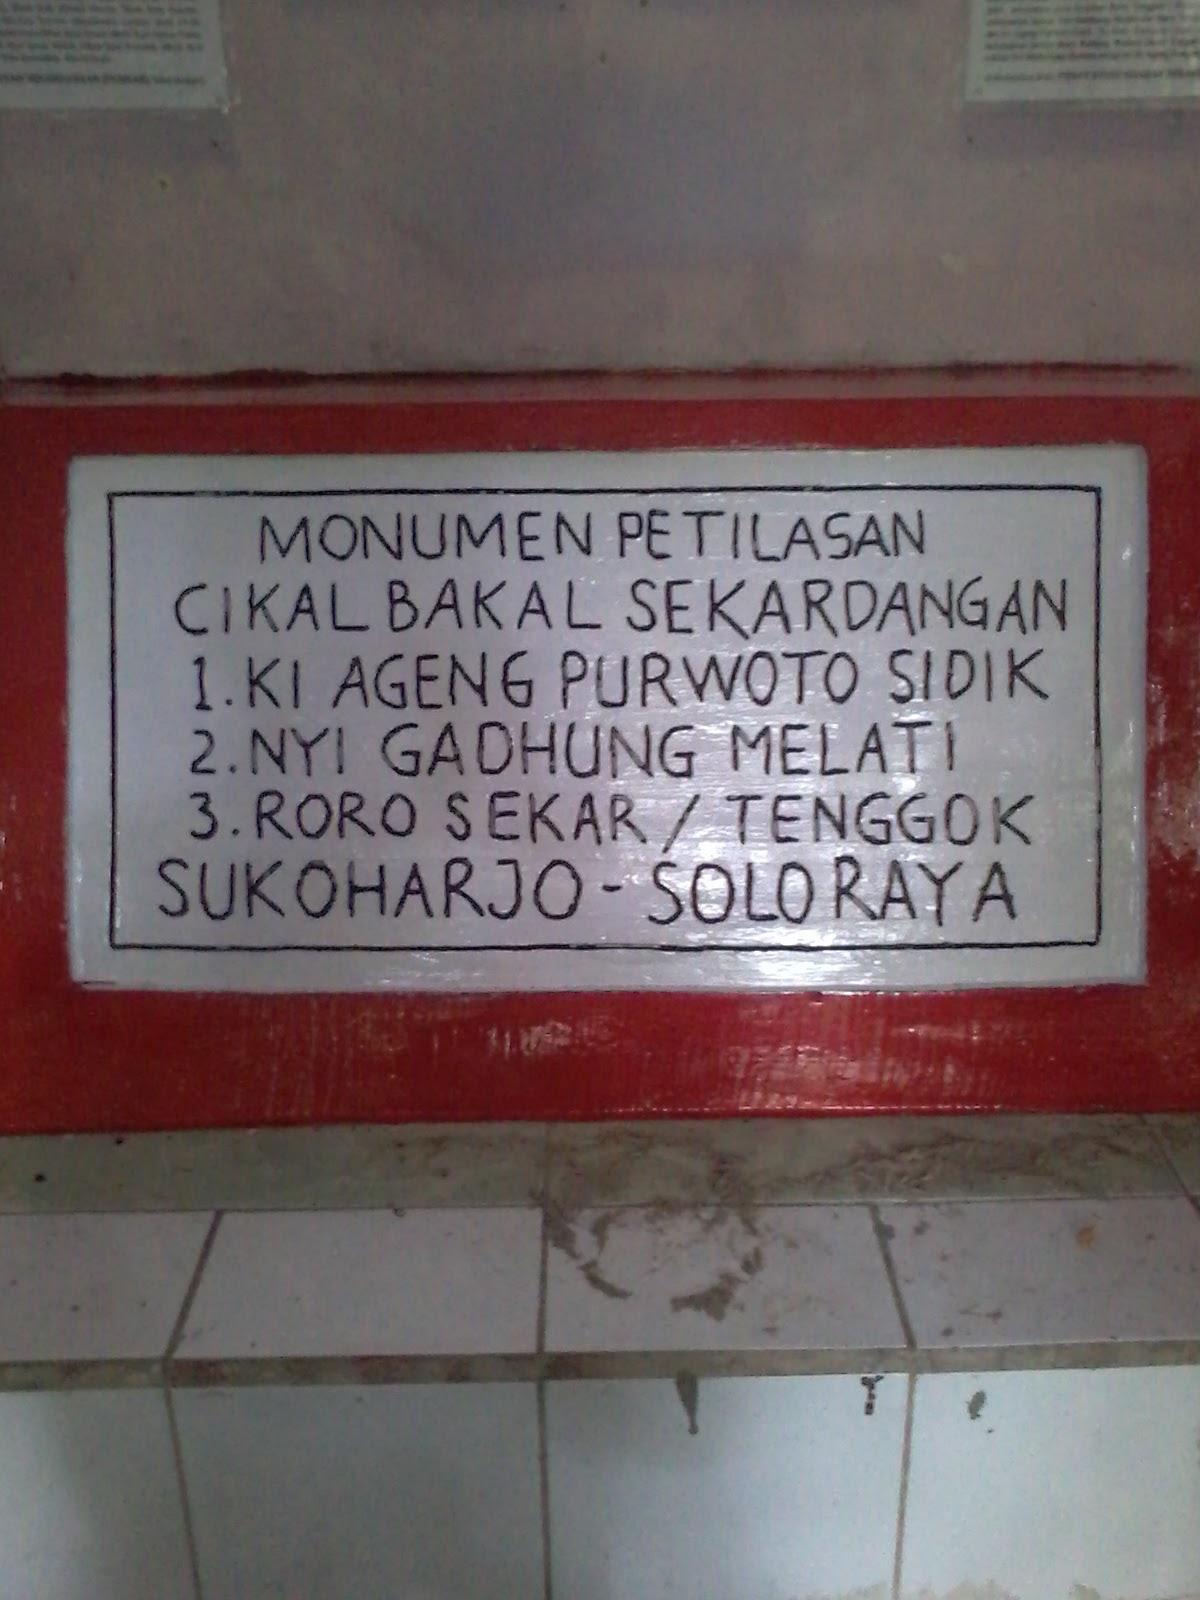 Pustaka Agung Sunan Tembayat Ii 2018 Monumen Petilasan Cikal Bakal